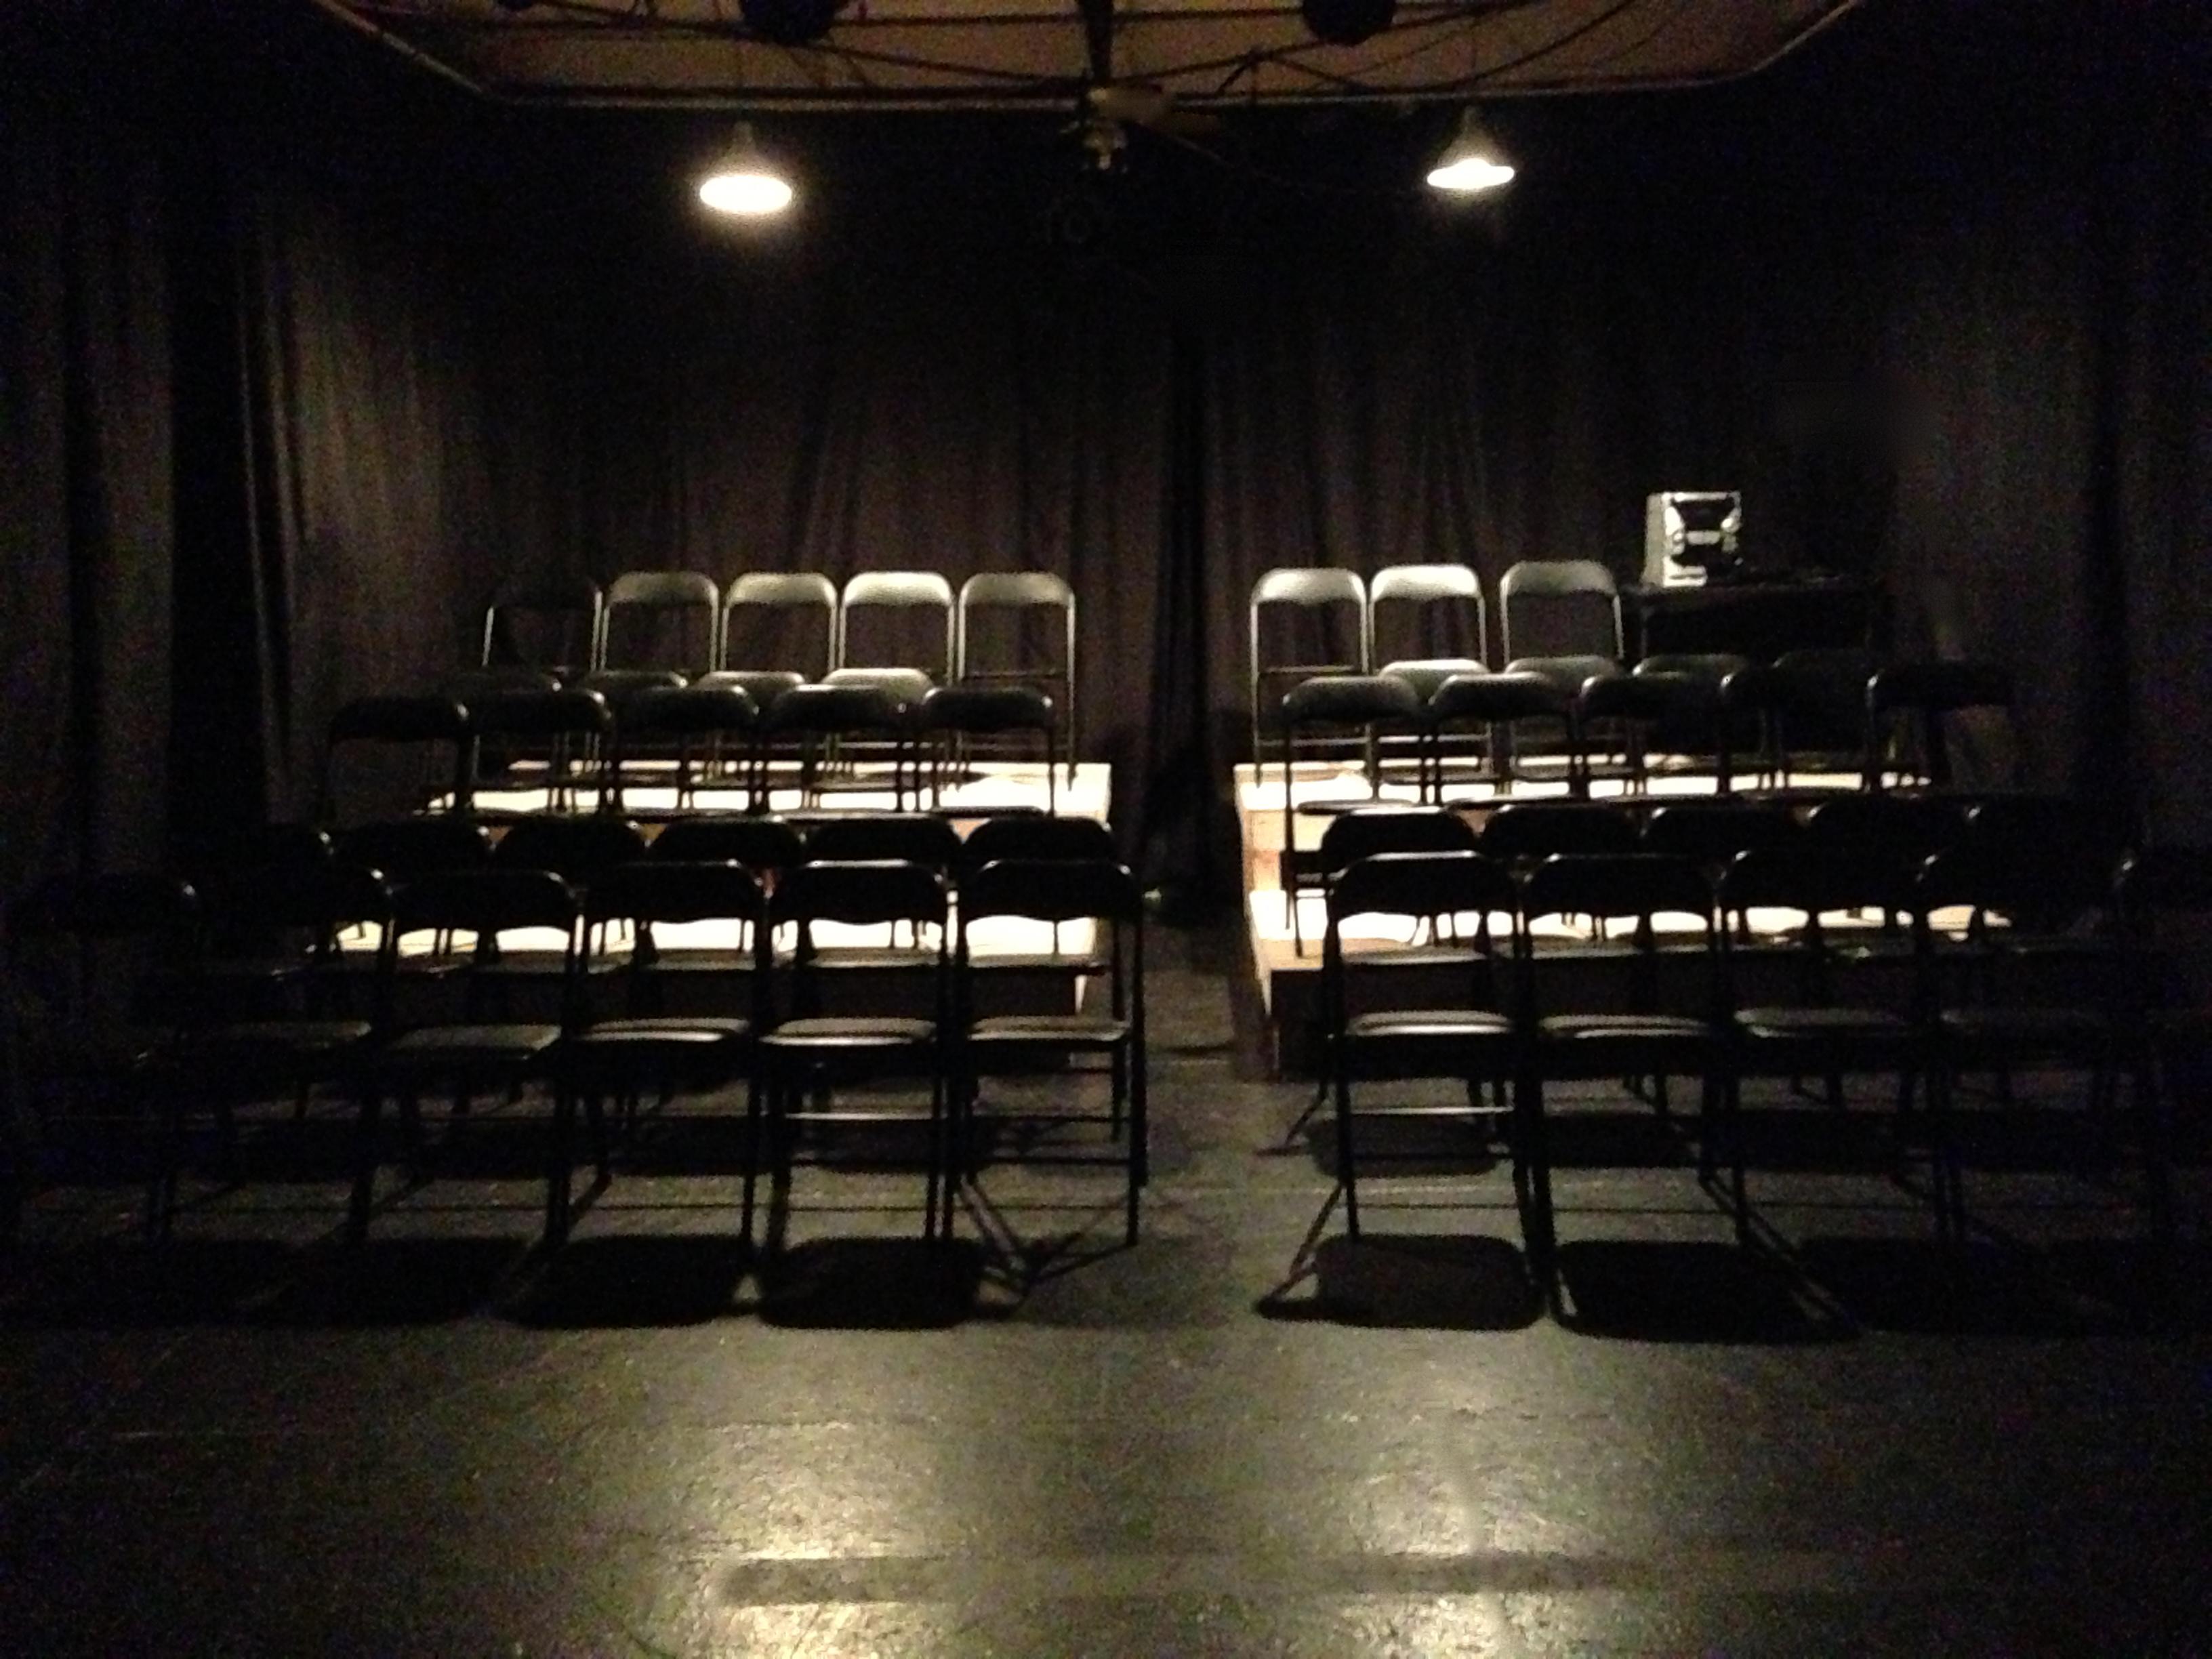 The box theatre